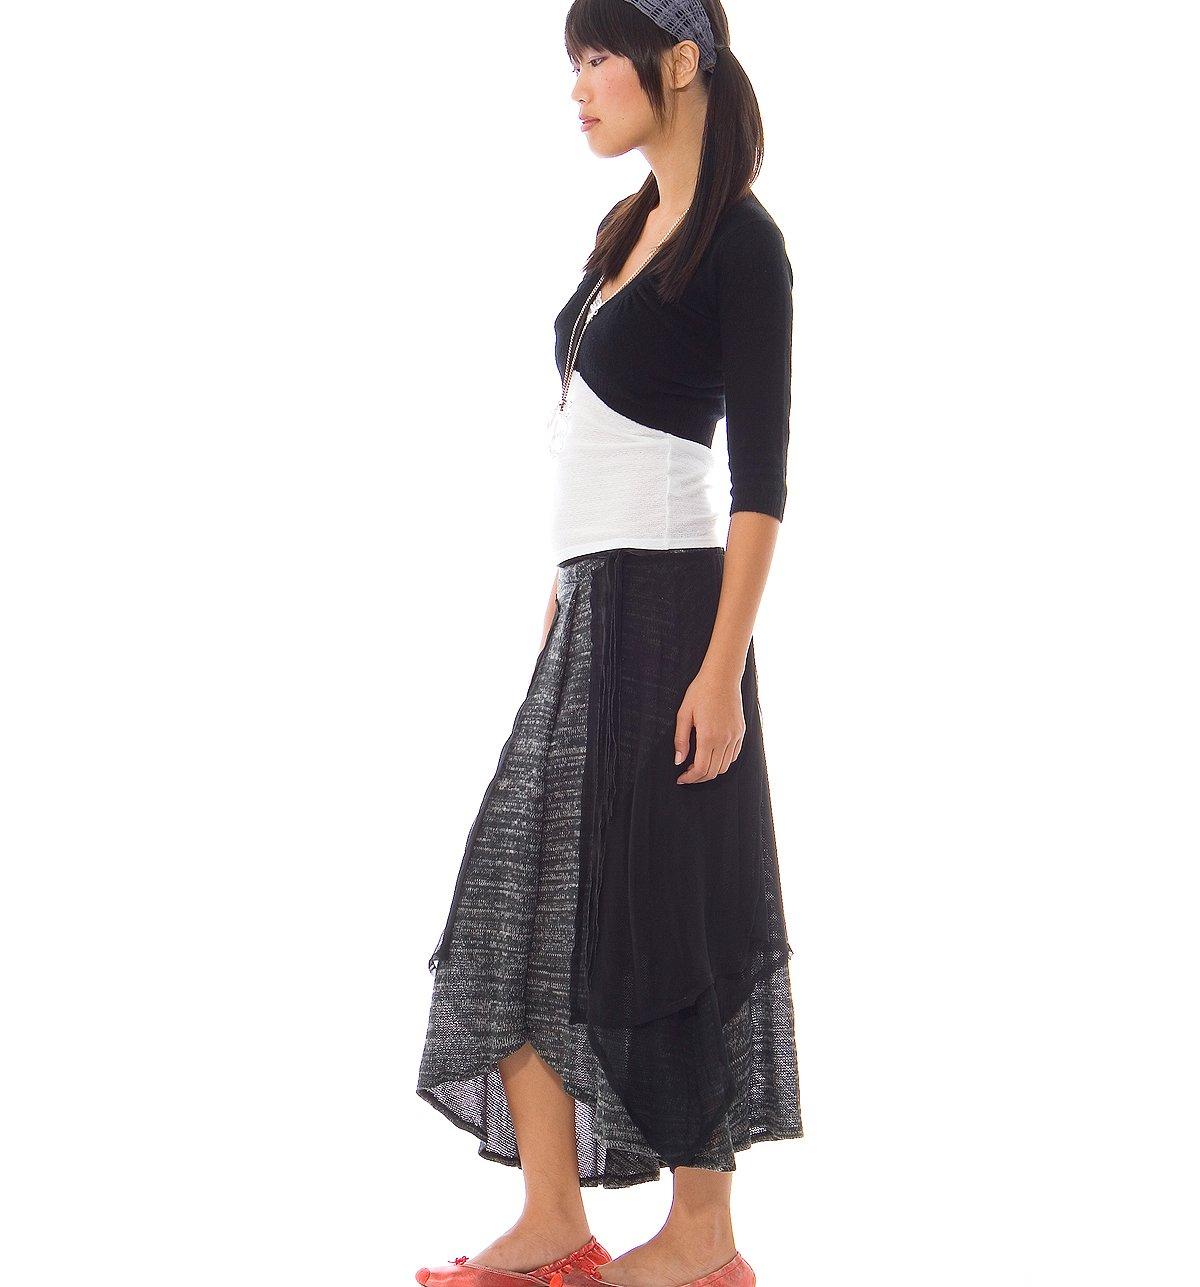 Layered & Knit Chiffon Skirt